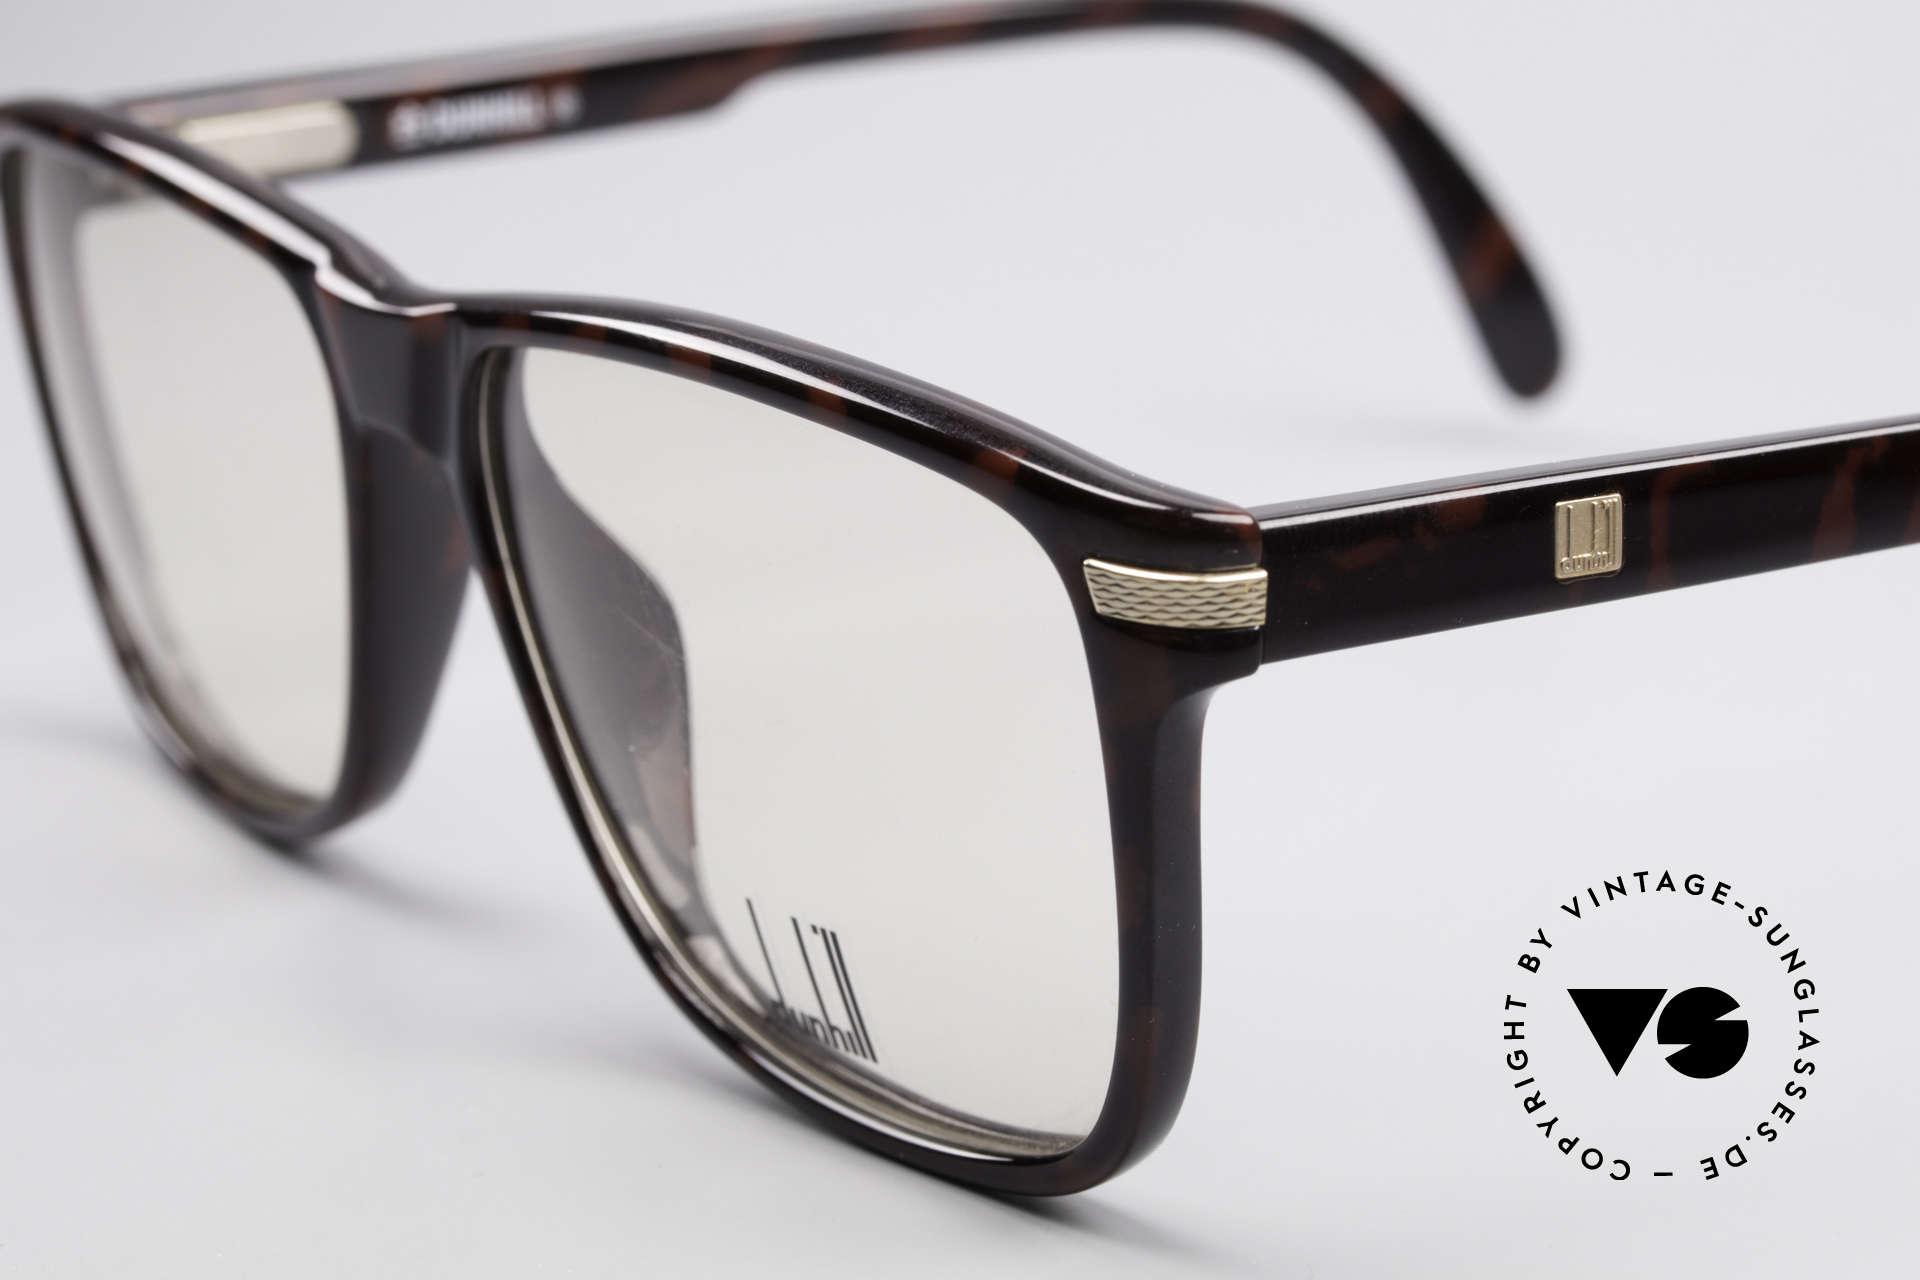 Dunhill 6055 Johnny Depp Nerd Stil Brille, ungetragen (wie alle unsere 80er Dunhill Brillen), Passend für Herren